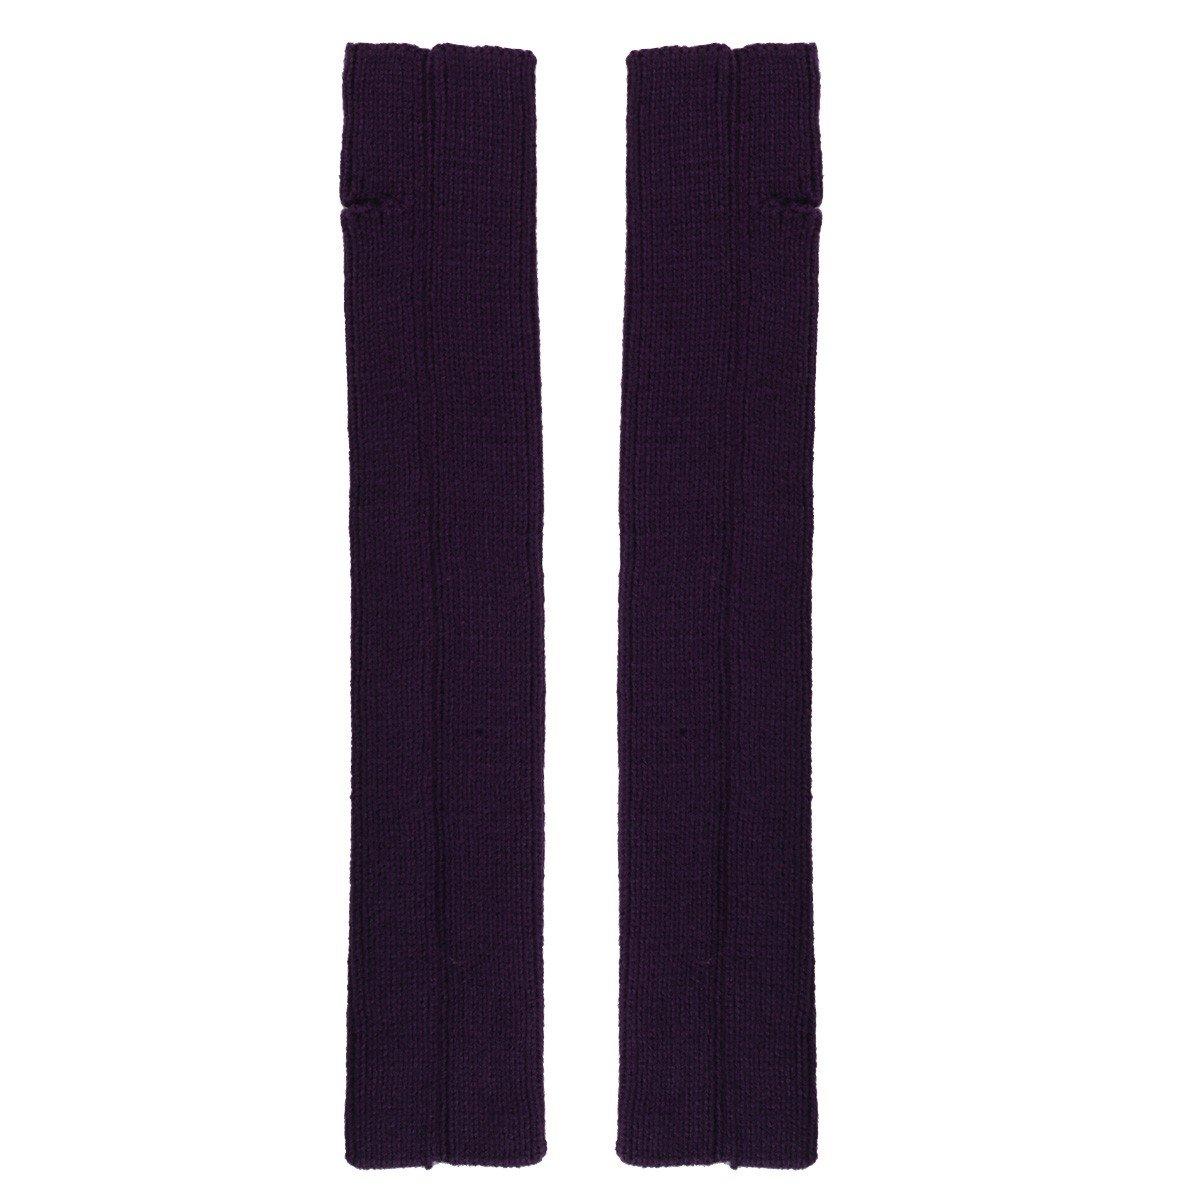 df170155a1d ... Freebily Femme Longue Chaussettes Laine Automne Hiver Chaud Bas Guêtre  Jambières Legging Tressé Tricot Crochet Jambières